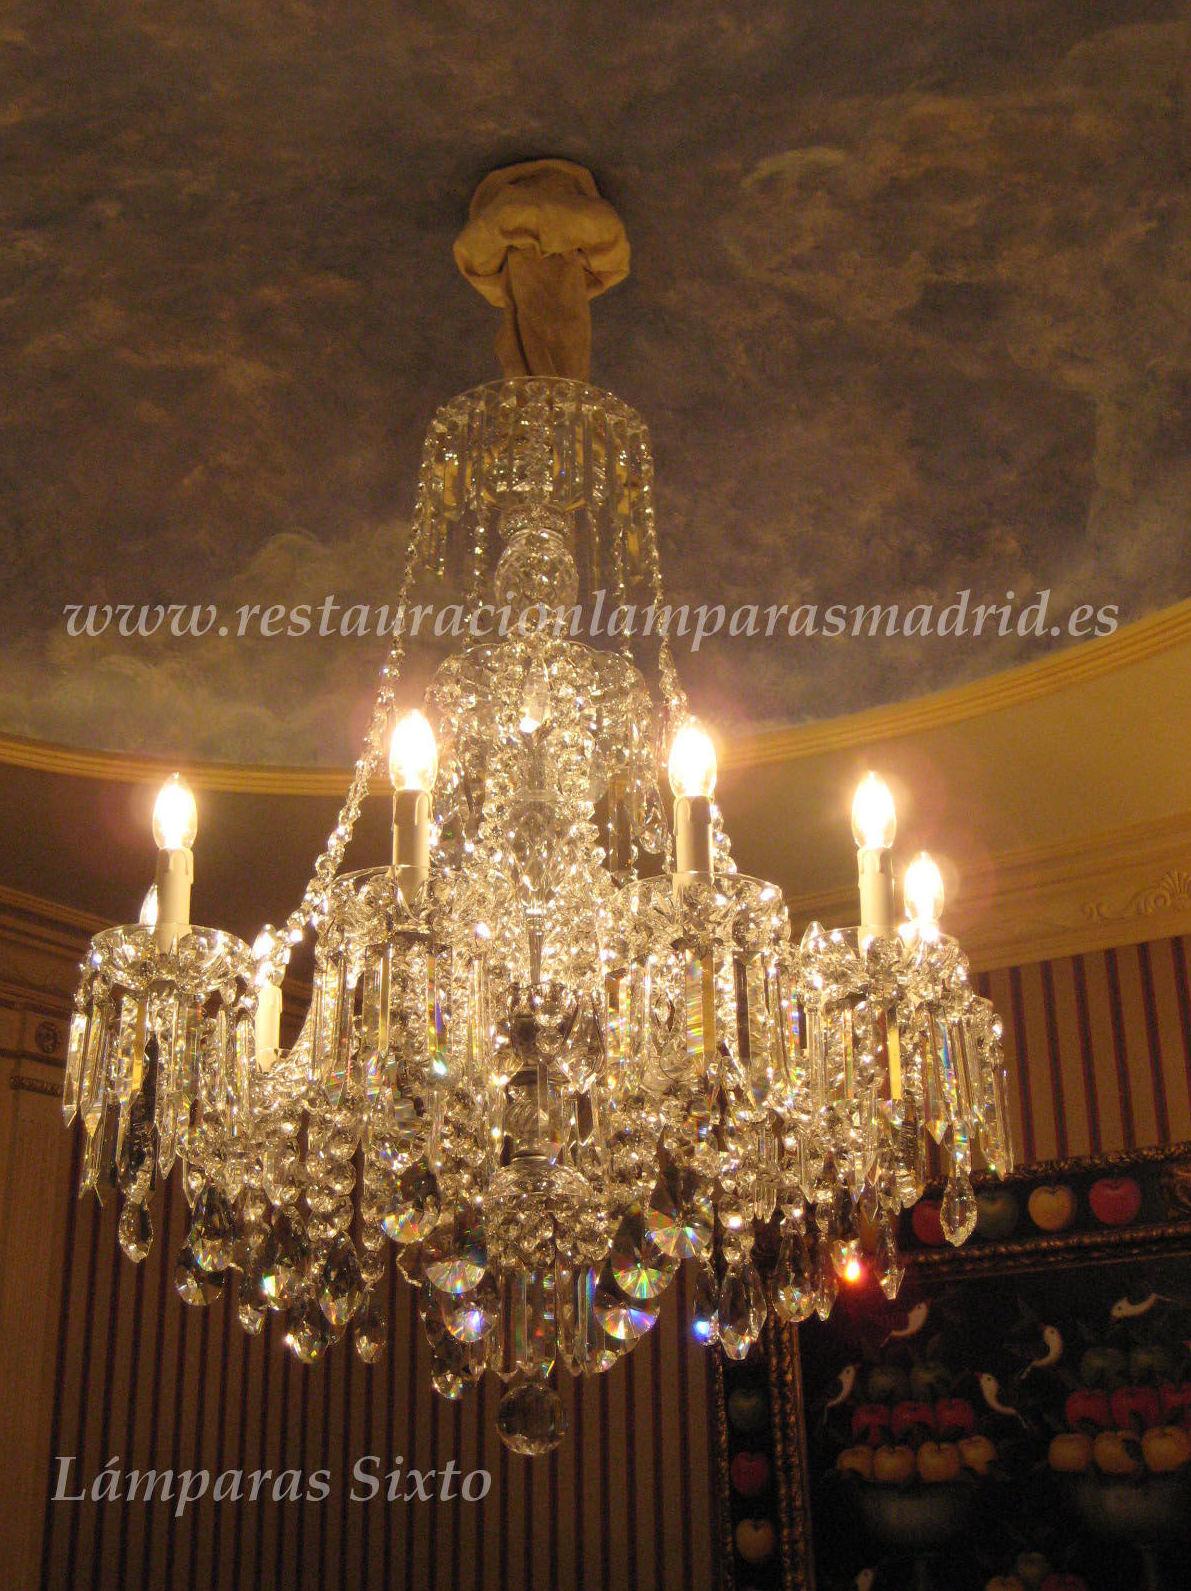 Lámpara de cristal de Bohemia de 10 luces. (Trabajos de antes y después publicados en nuestra página en facebook)